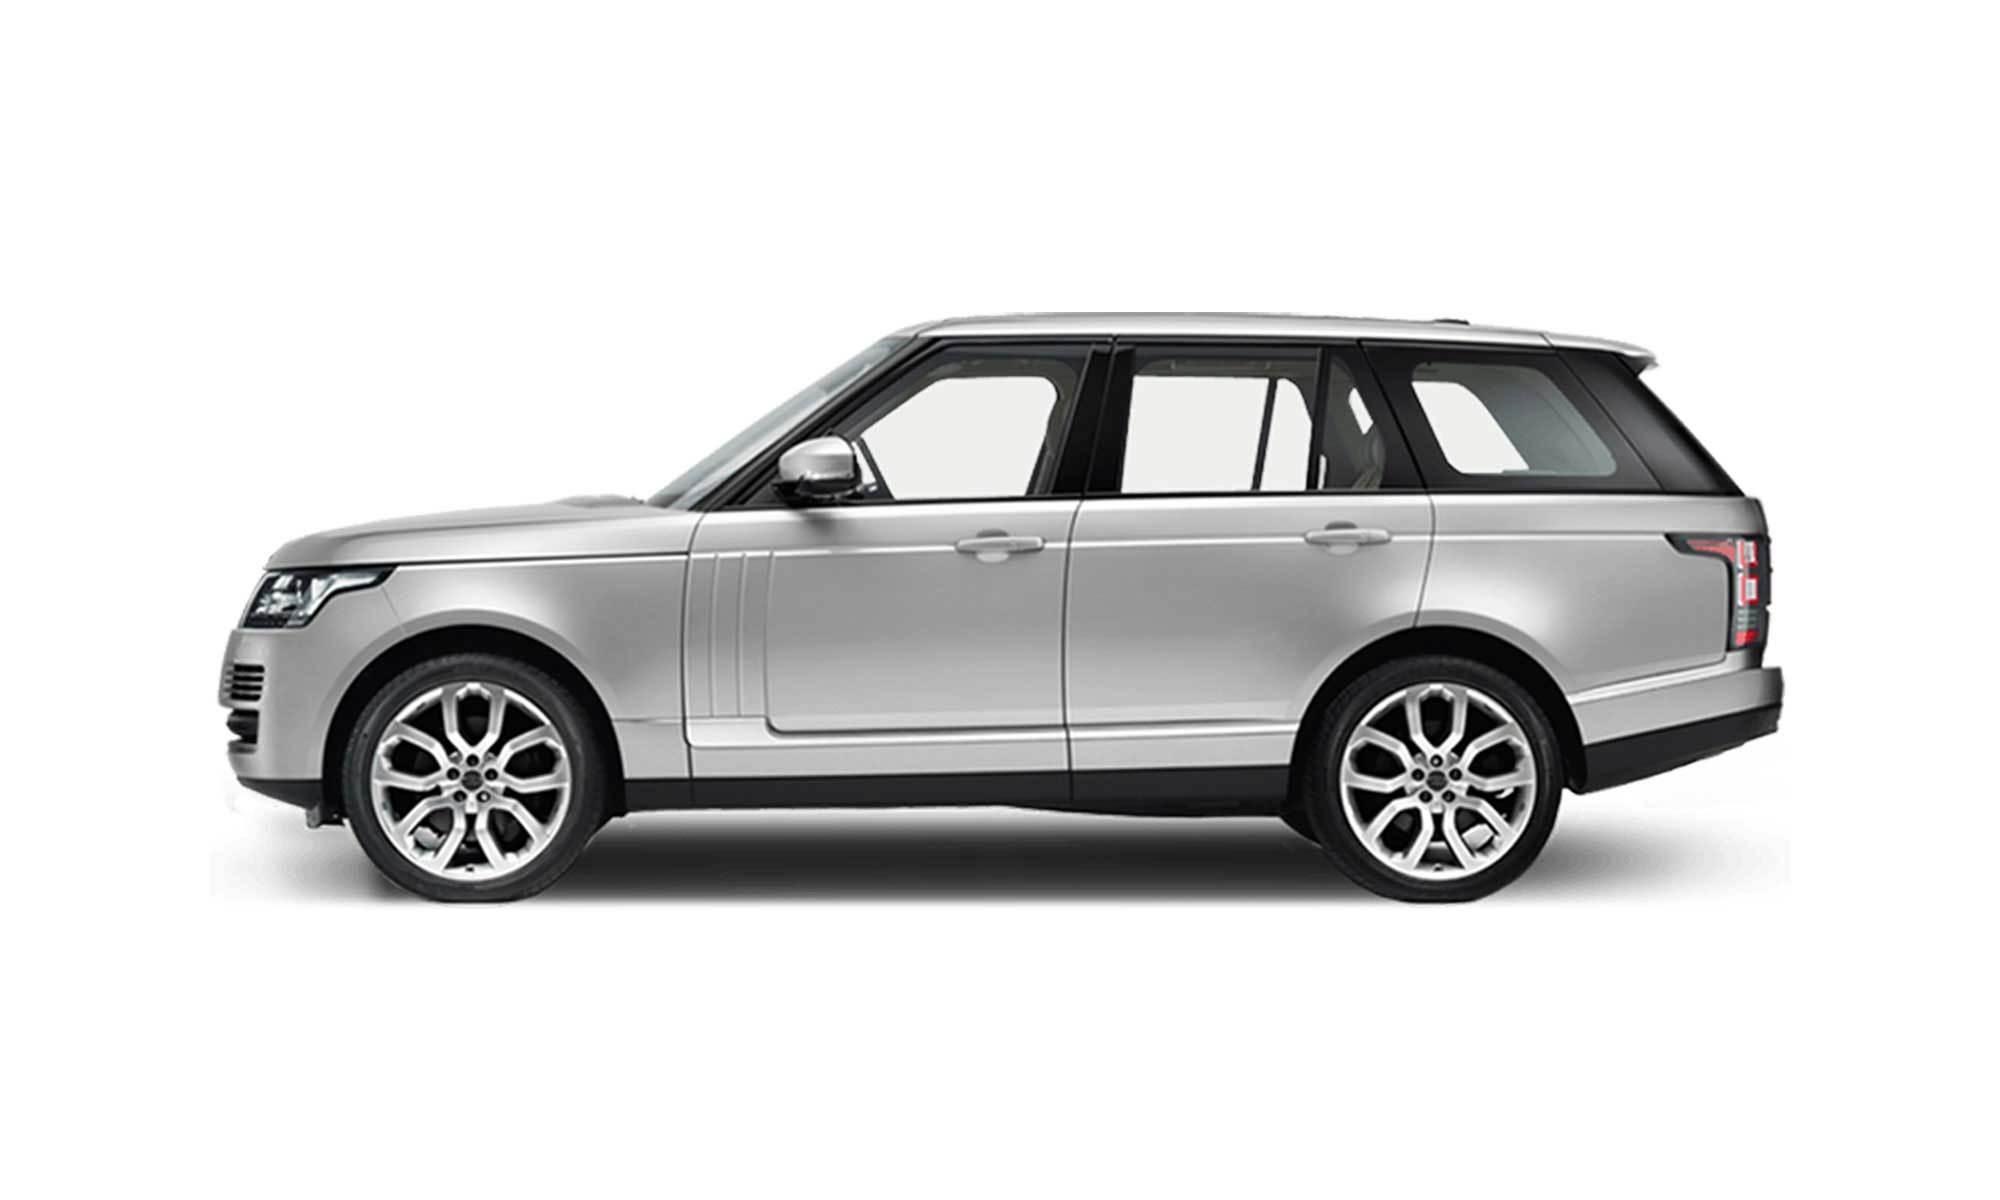 Land Rover Range Rover PHEV (2018)